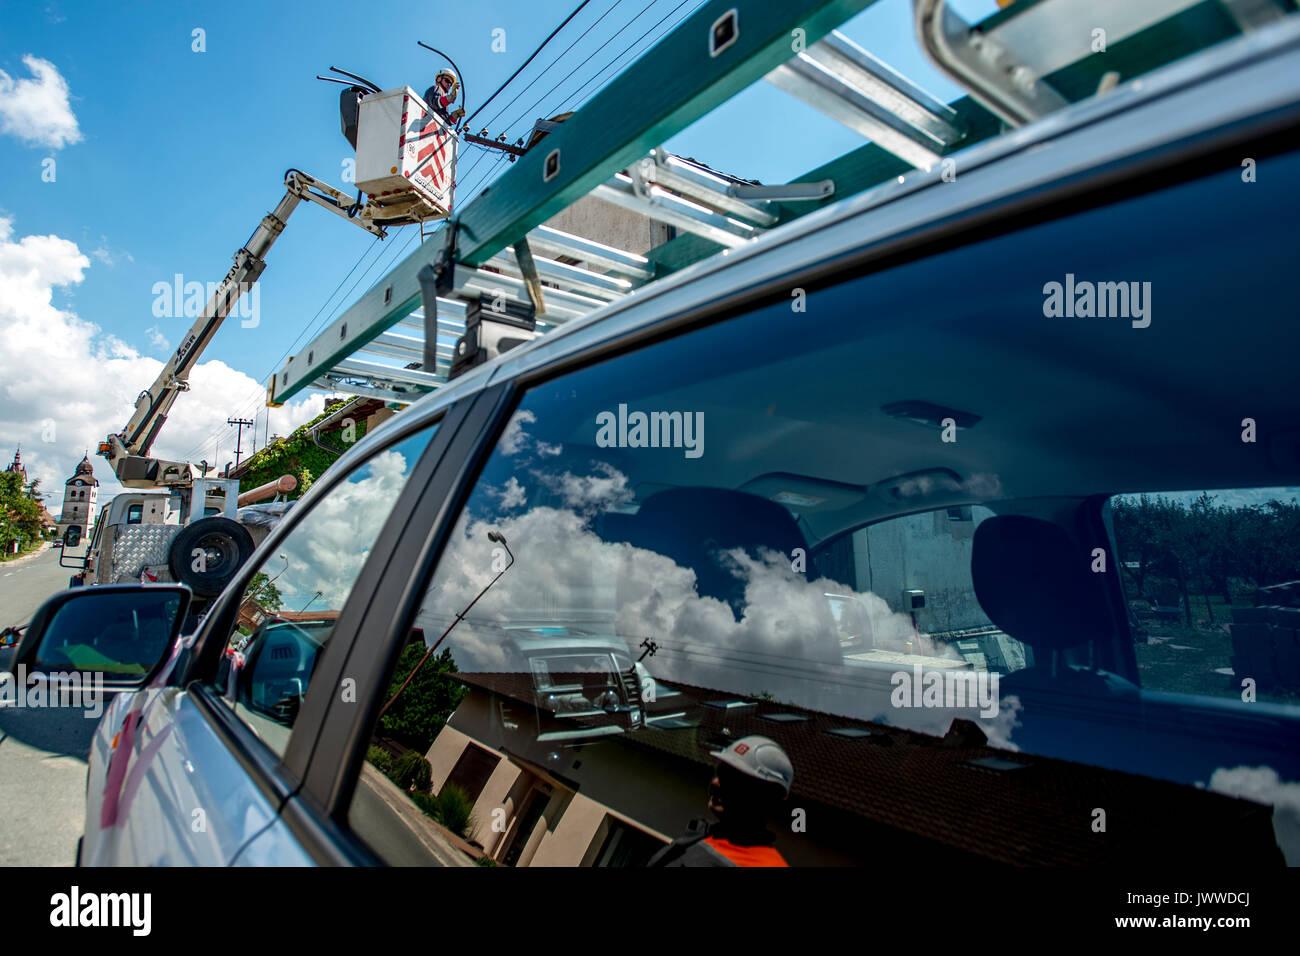 Bohuslavice, République tchèque. 14Th Aug 2017. Quelque 80 des 400 maisons dans Bohuslavice, République tchèque avec environ 1000 habitants ont été endommagés par une tempête qui a balayé il en fin d'après-midi le vendredi, Août 12, 2017, d'infliger un dommage de millions de couronnes, mais pas de blesser qui que ce soit. Quinze maisons sont complètement sans un toit dans Bohuslavice, 14 août 2017. Photo: CTK/Tanecek Photo/Alamy Live News Photo Stock